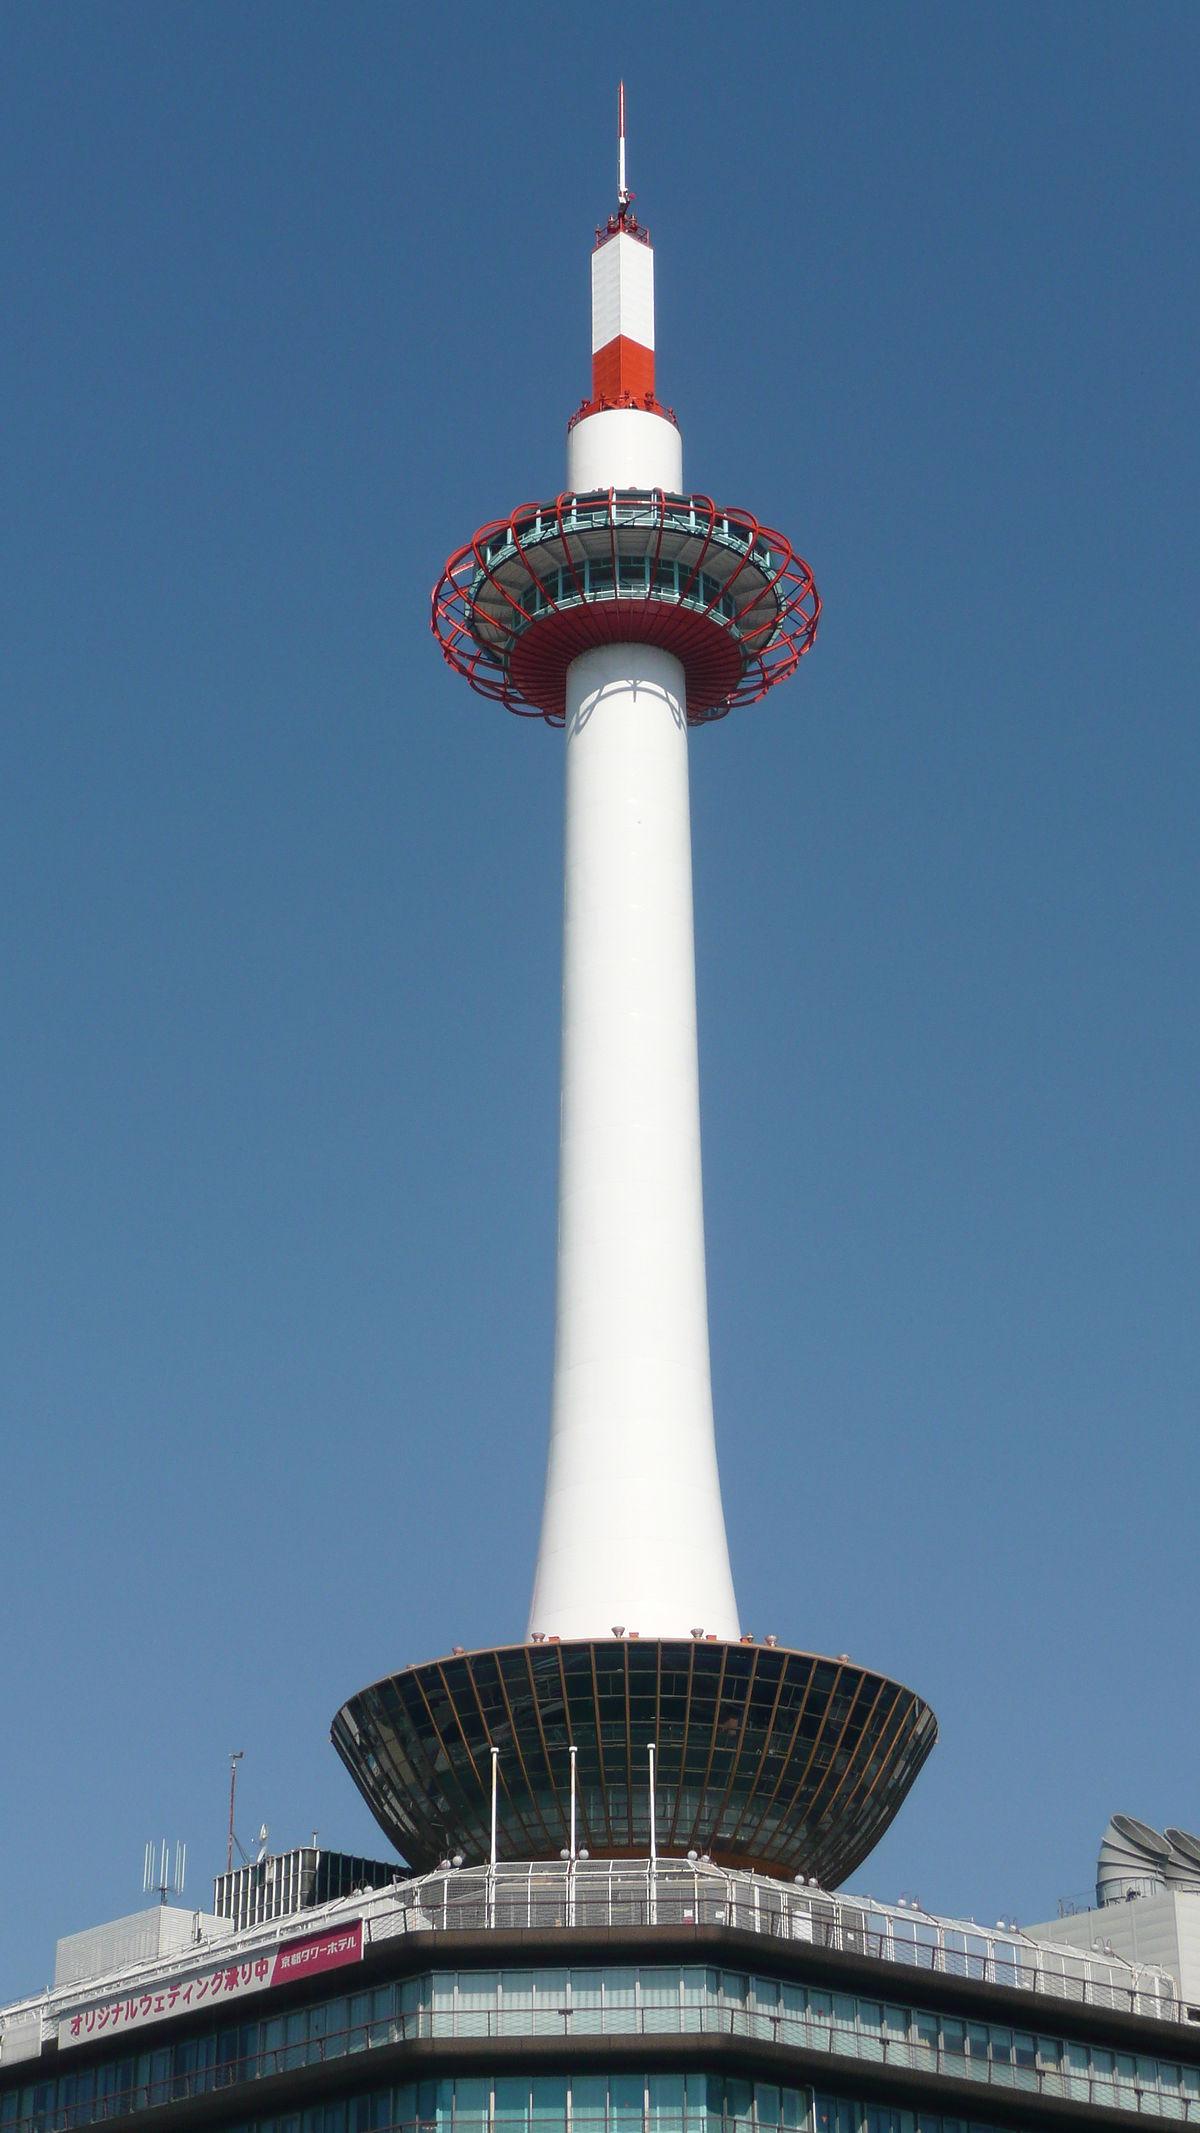 Kyōto Tower Wikipedia